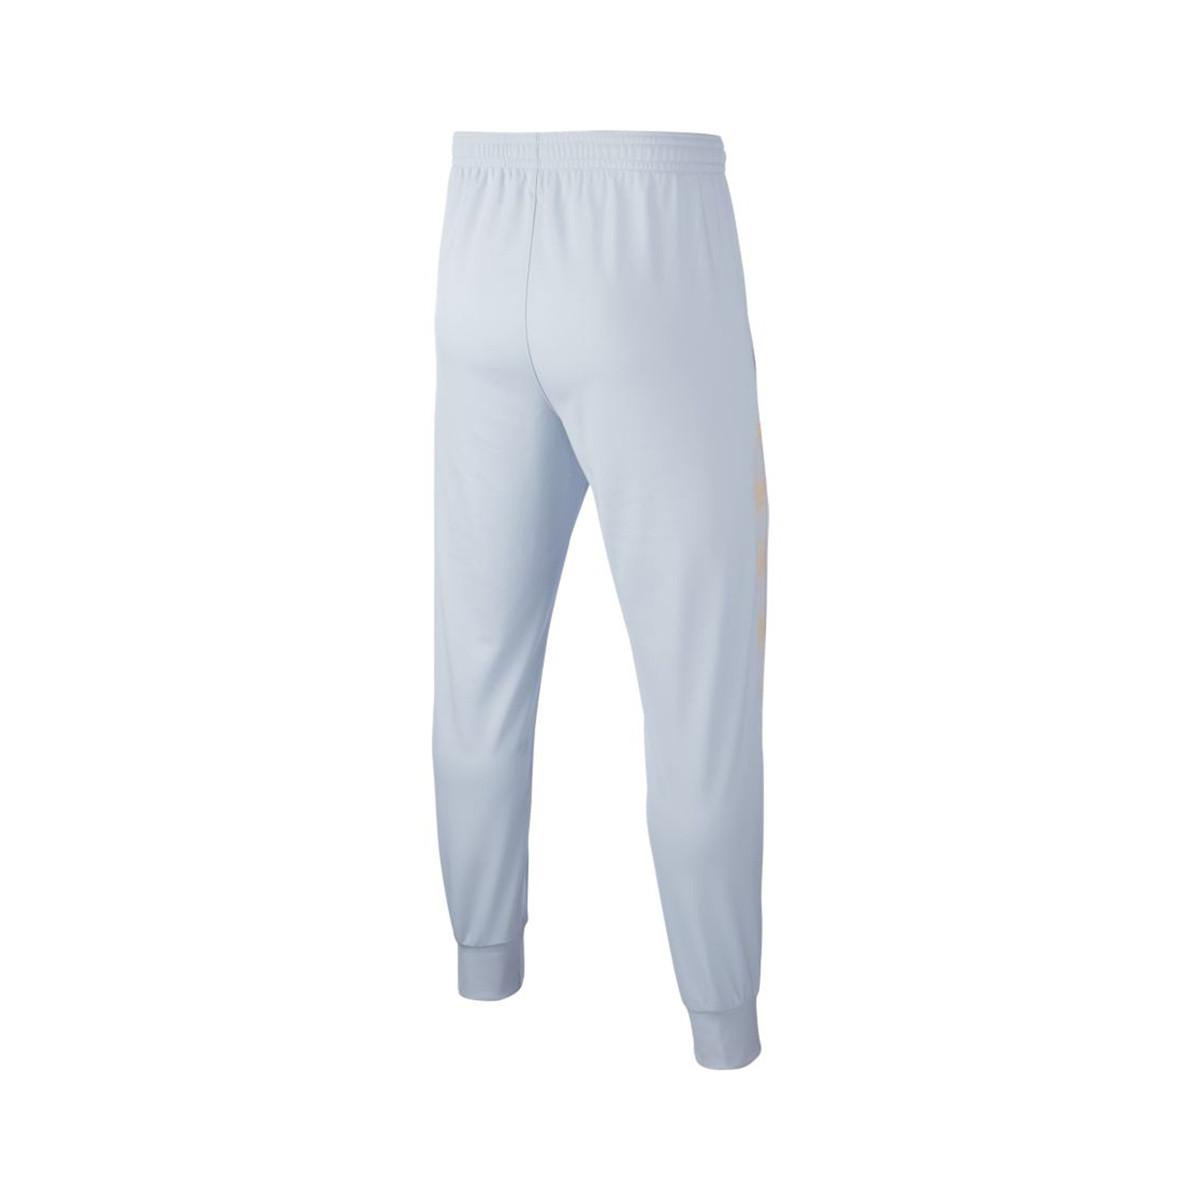 nike pants in long